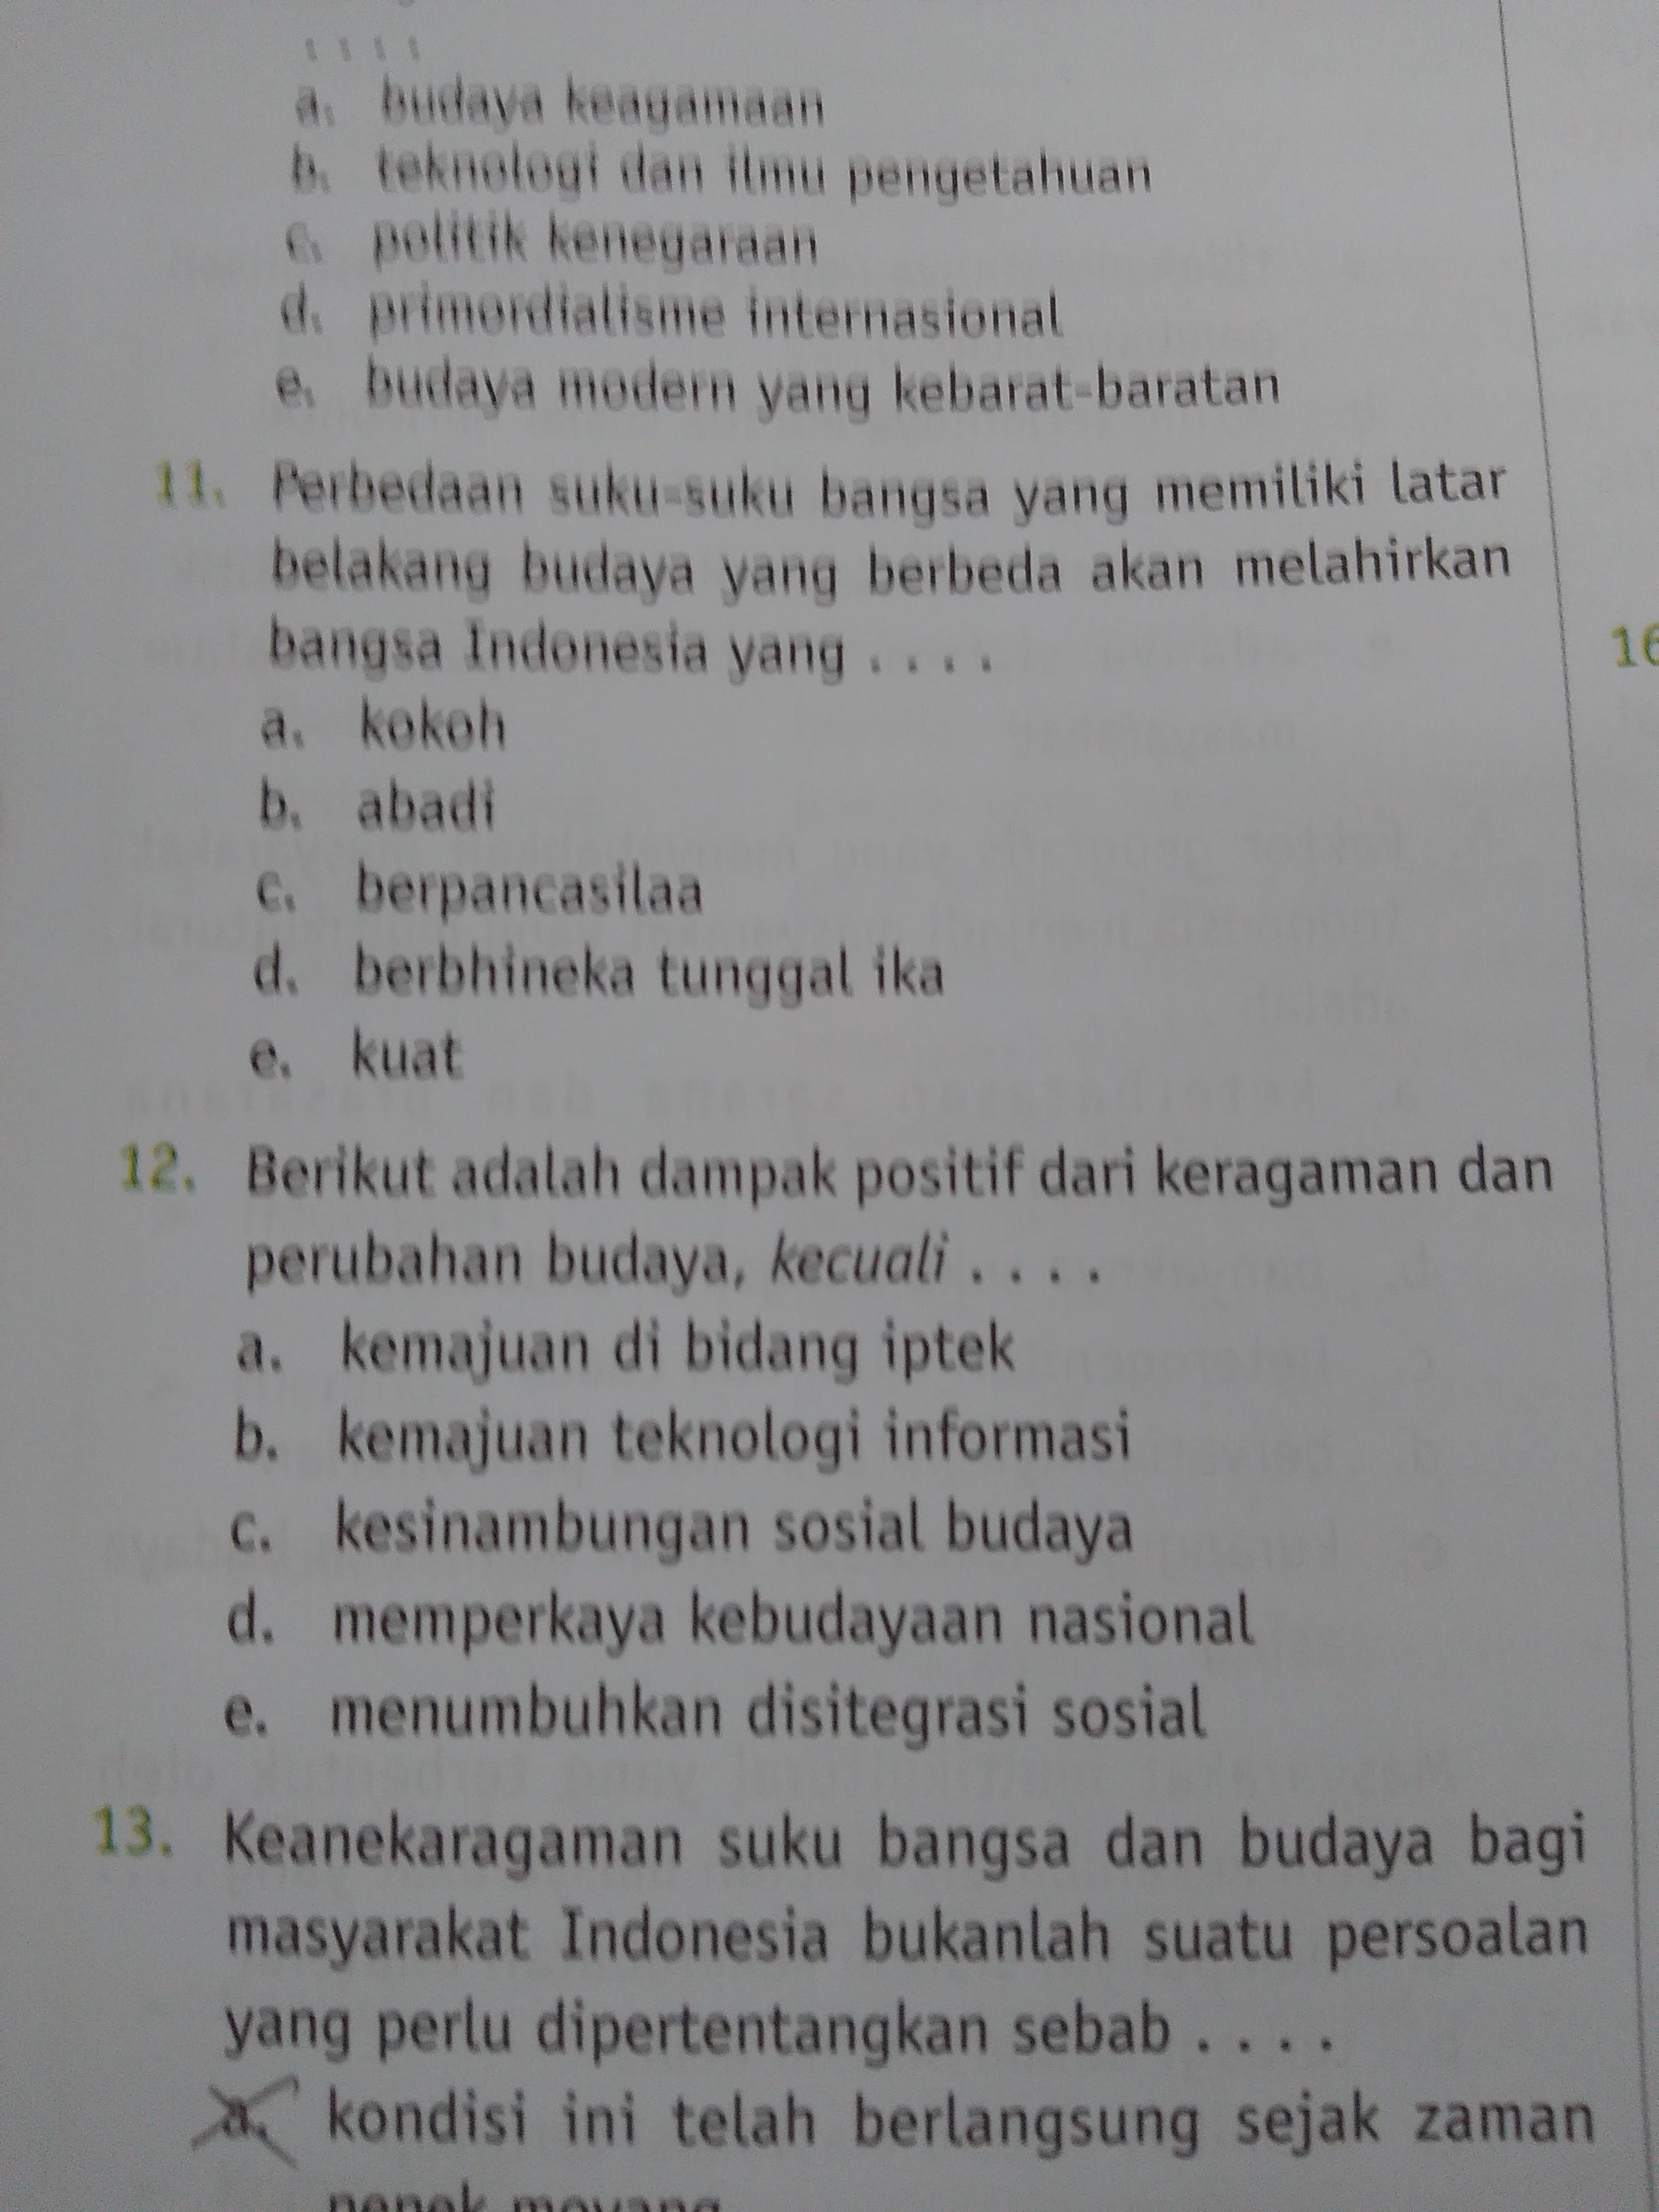 Sejarah sosial masyarakat islam indonesia, studi pembangunan, budaya,. berikut adalah dampak positif dari keragaman dan perubahan